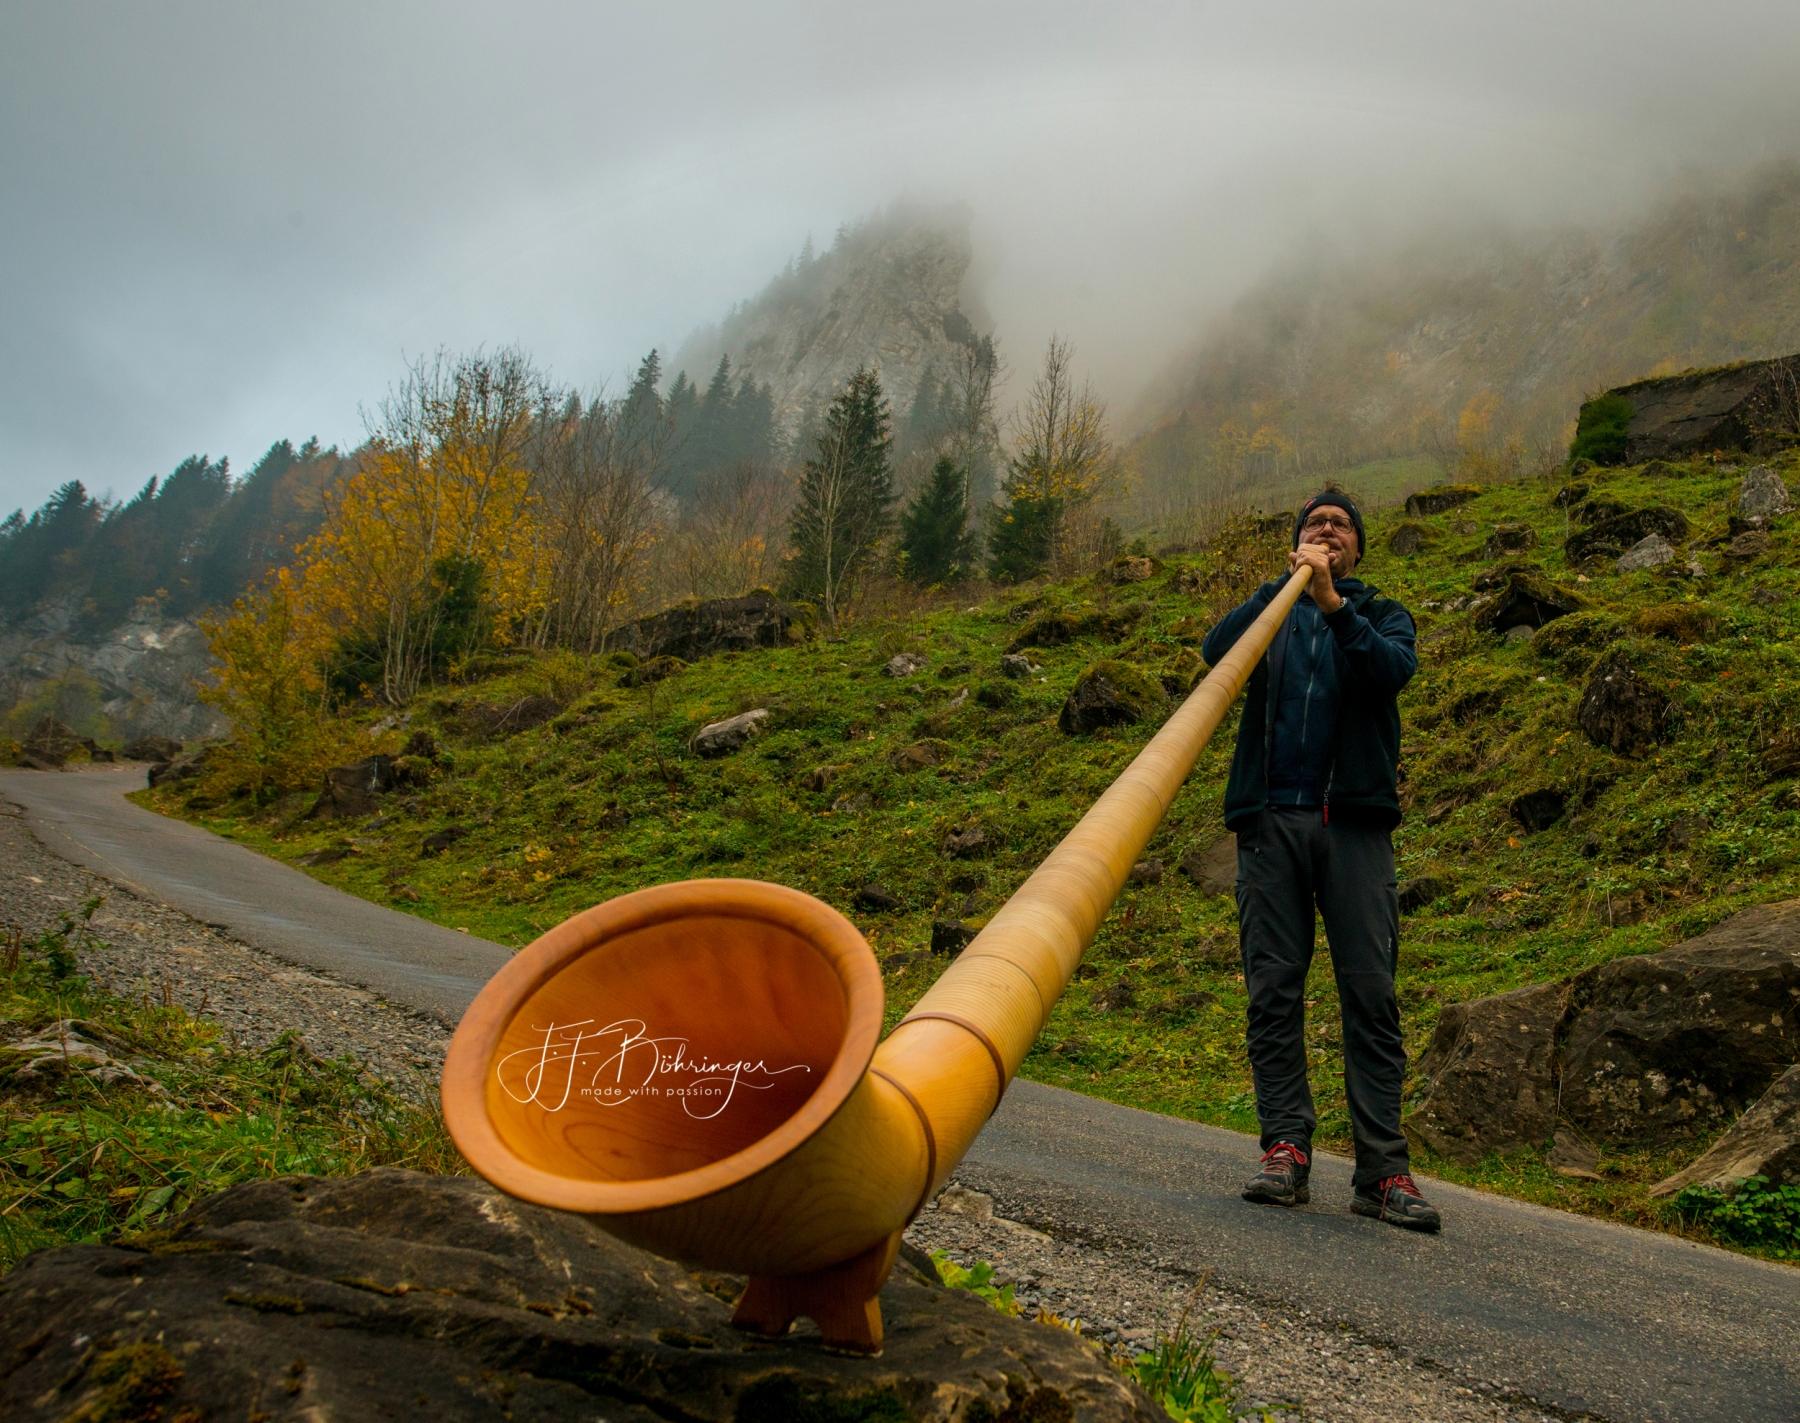 Ausflug Landschaftsfotographie mit Fred 1